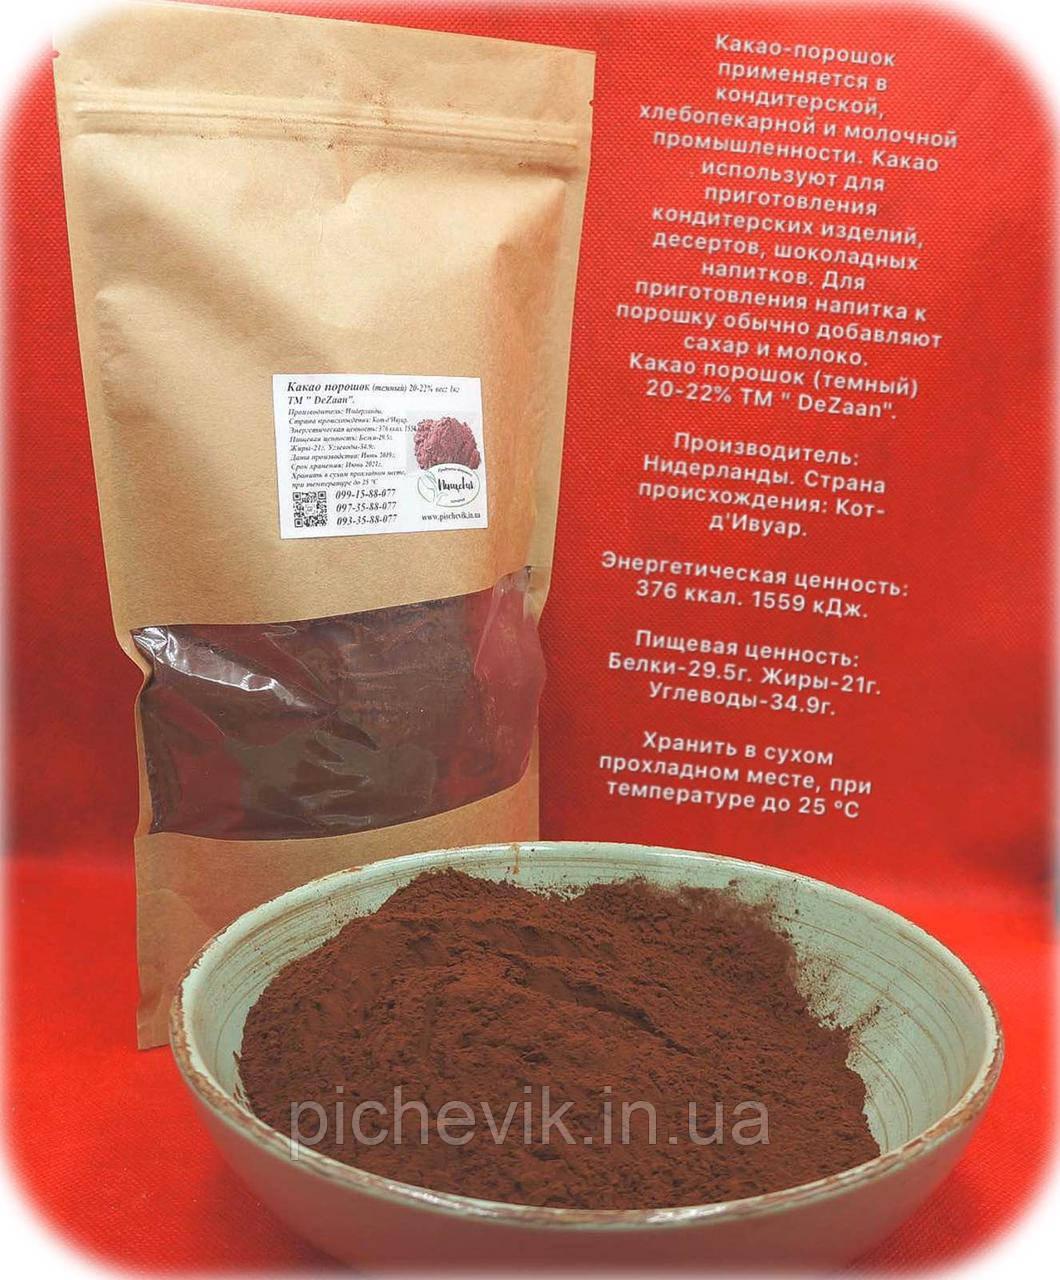 Какао порошок темний 20-22% (Нідерланди) ТМ DeZaan вага:1кг.